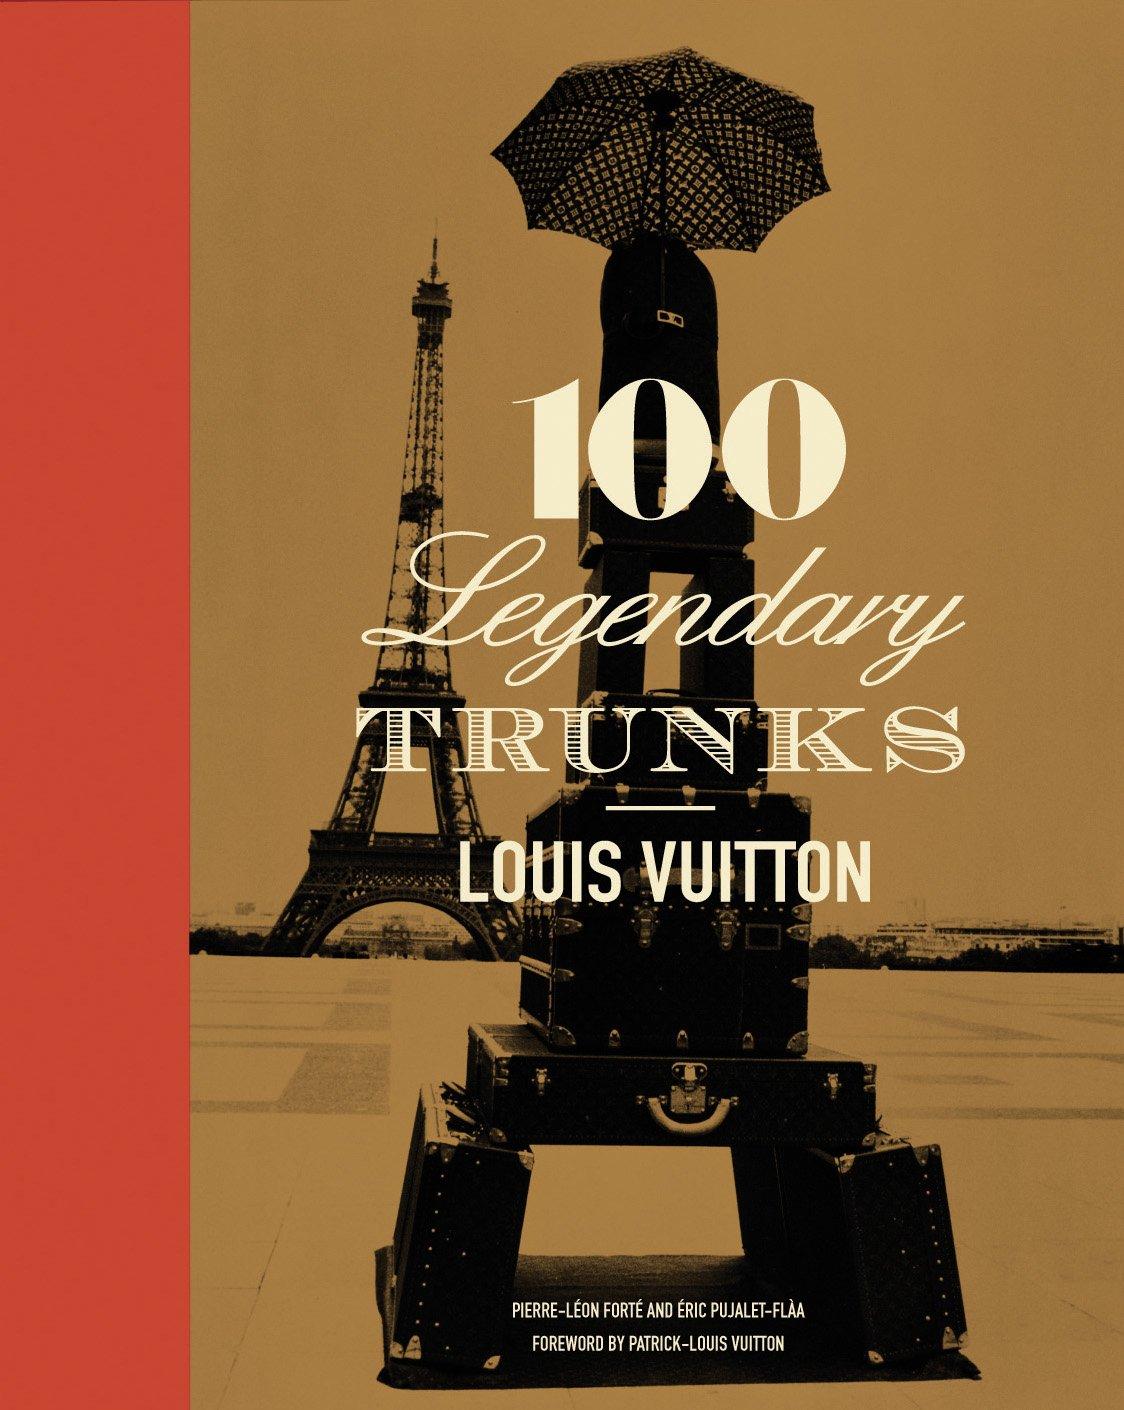 Louis Vuitton: 100 Legendary Trunks